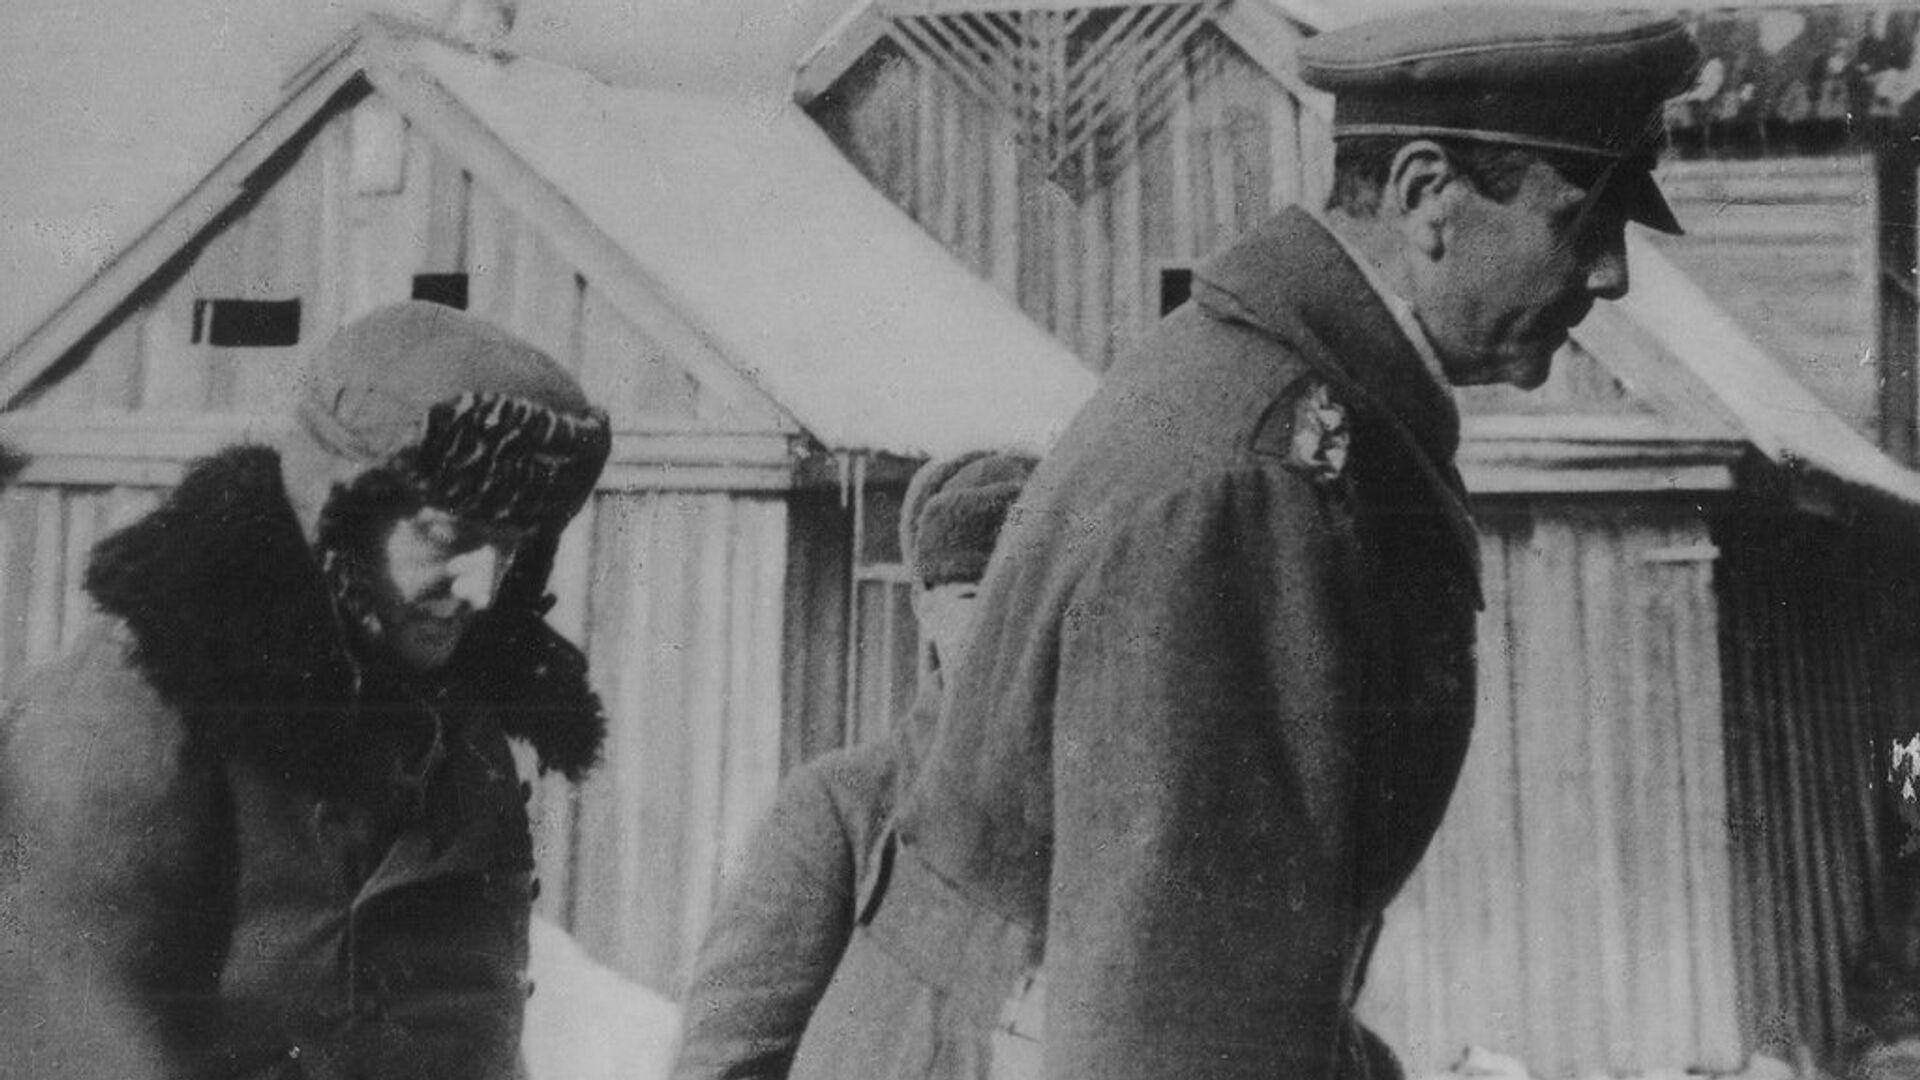 Пленного генерал-фельдмаршала Паулюса и его адъютанта конвоируют в штаб 64-й армии. 31 января 1943 - РИА Новости, 1920, 06.06.2021